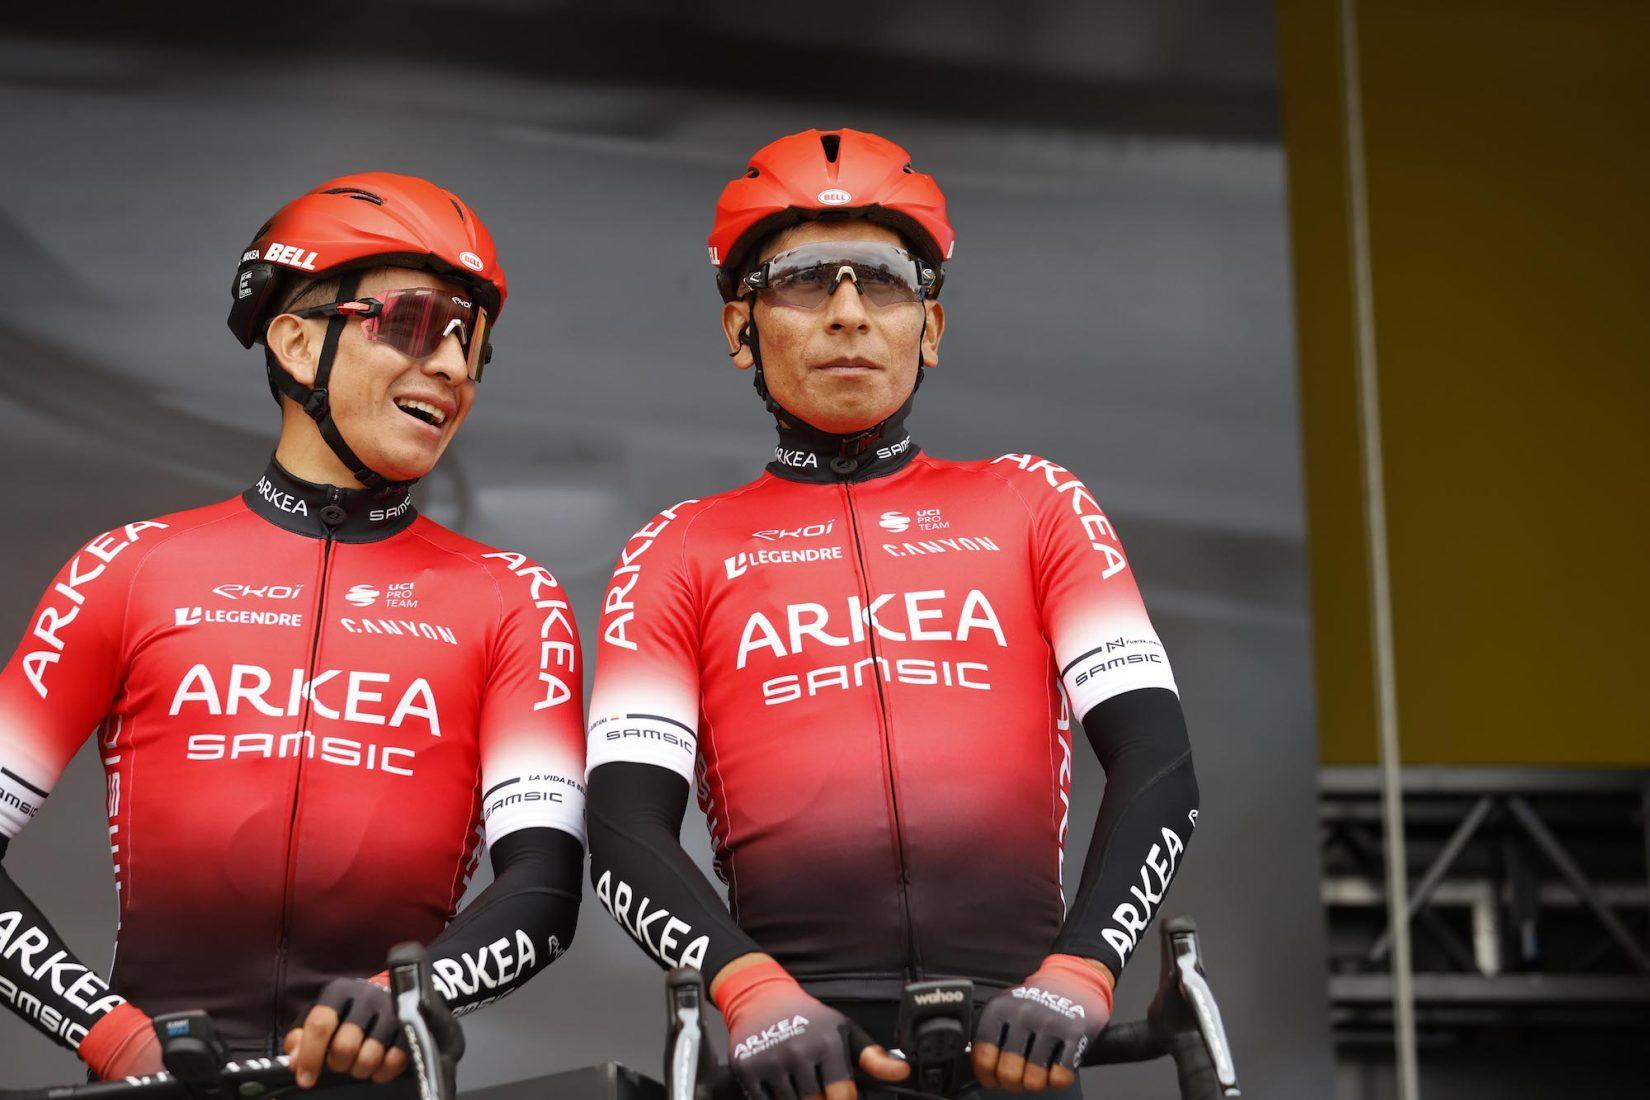 Aperta inchiesta su sospetto doping: Arkéa-Samsic nel mirino. E si riparla di doping